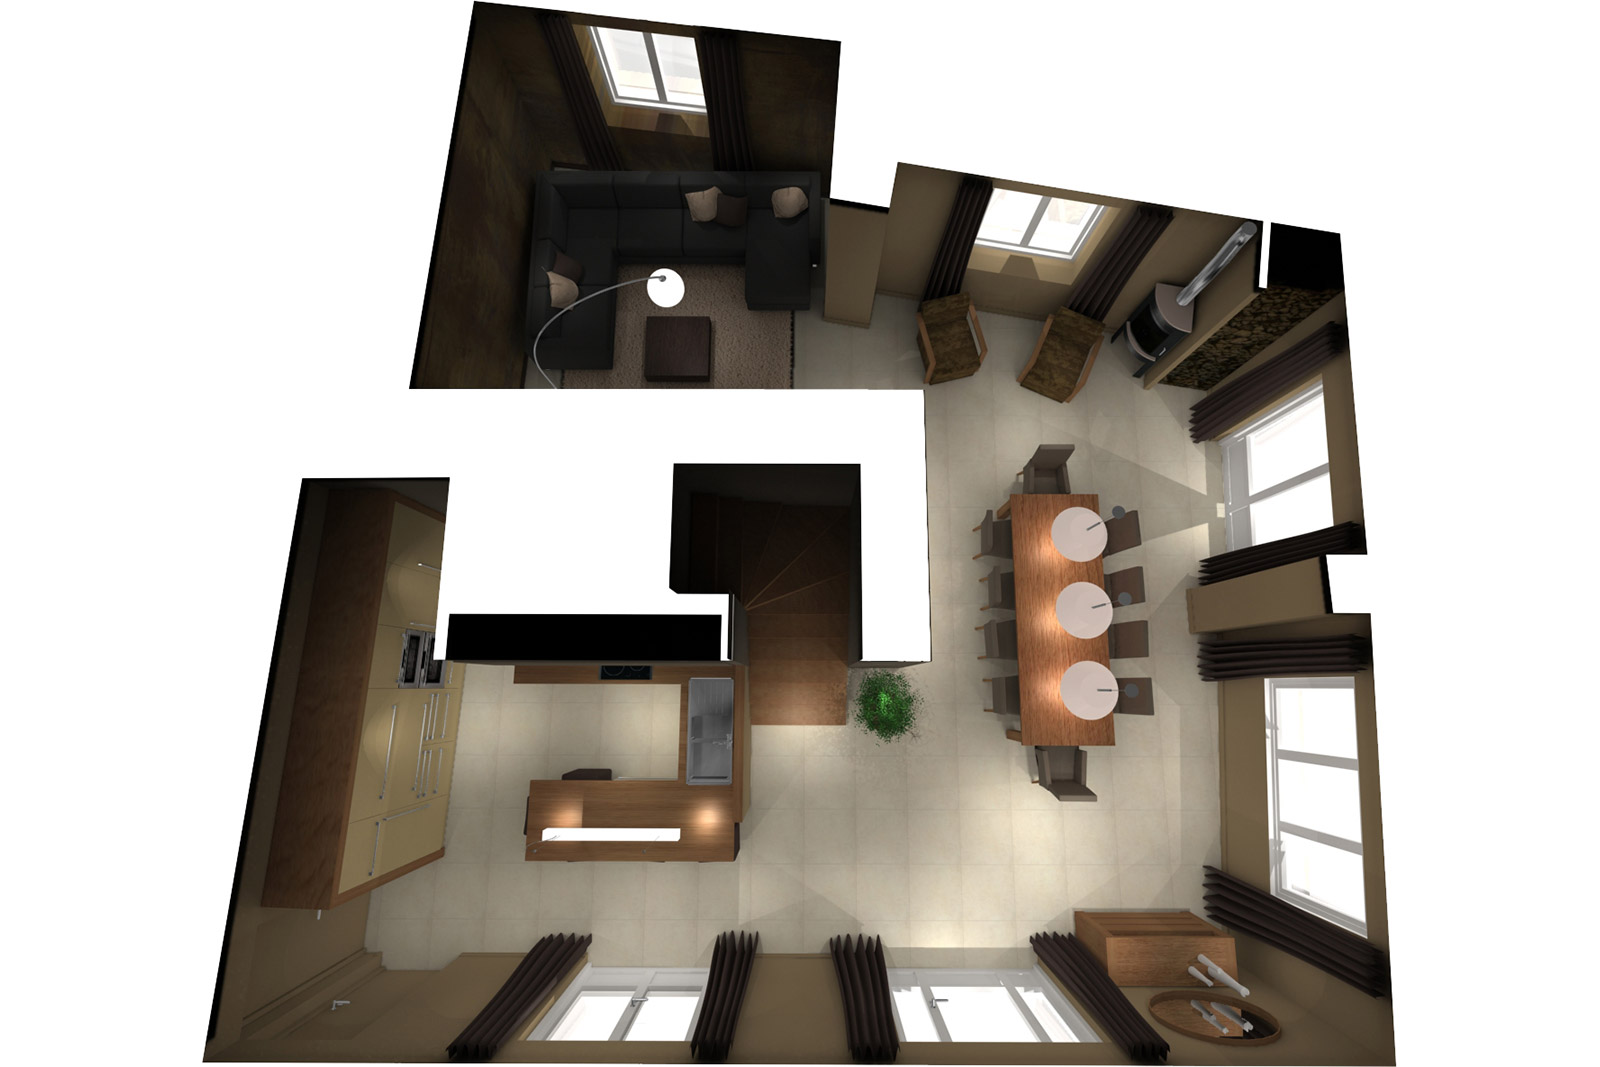 RDC - image 3D